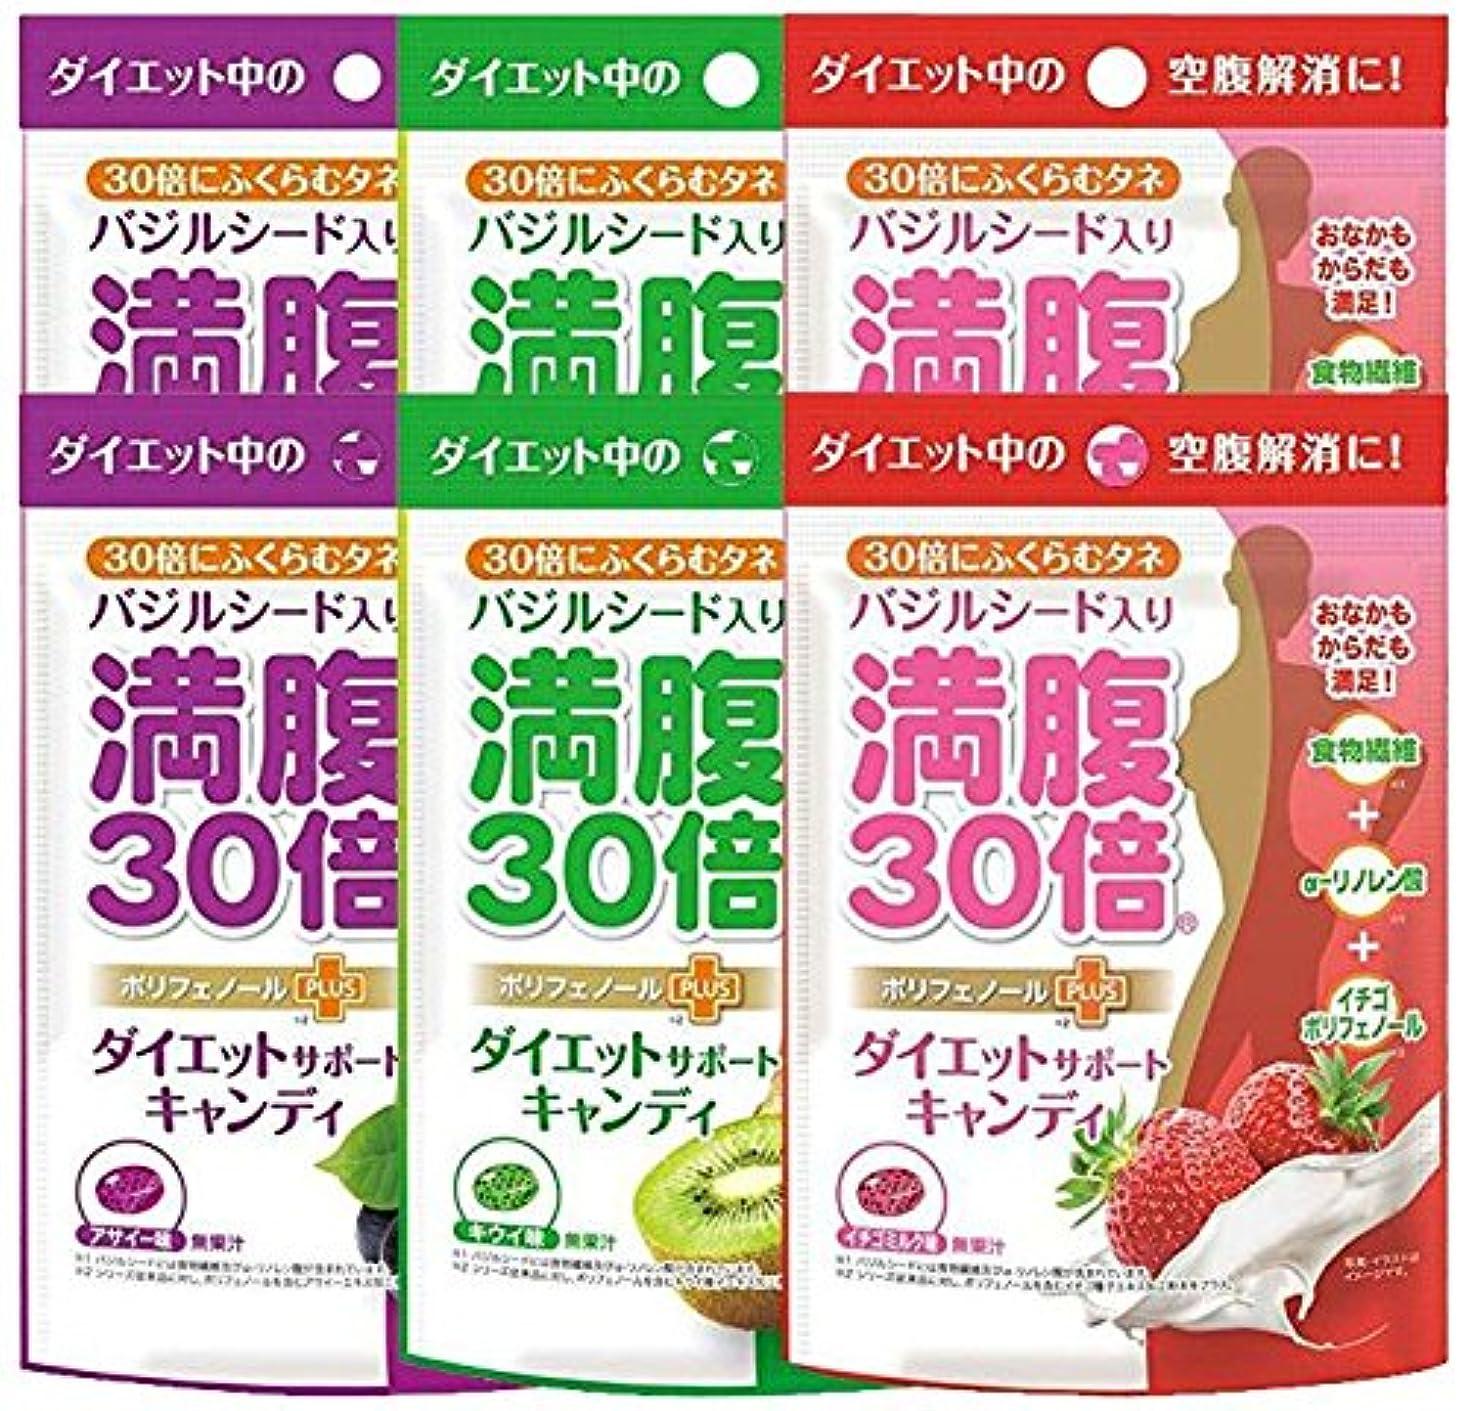 ビーム補助金町満腹30倍 ダイエットサポートキャンディ 3種アソート( アサイー キウイ イチゴミルク 各2袋) 6袋